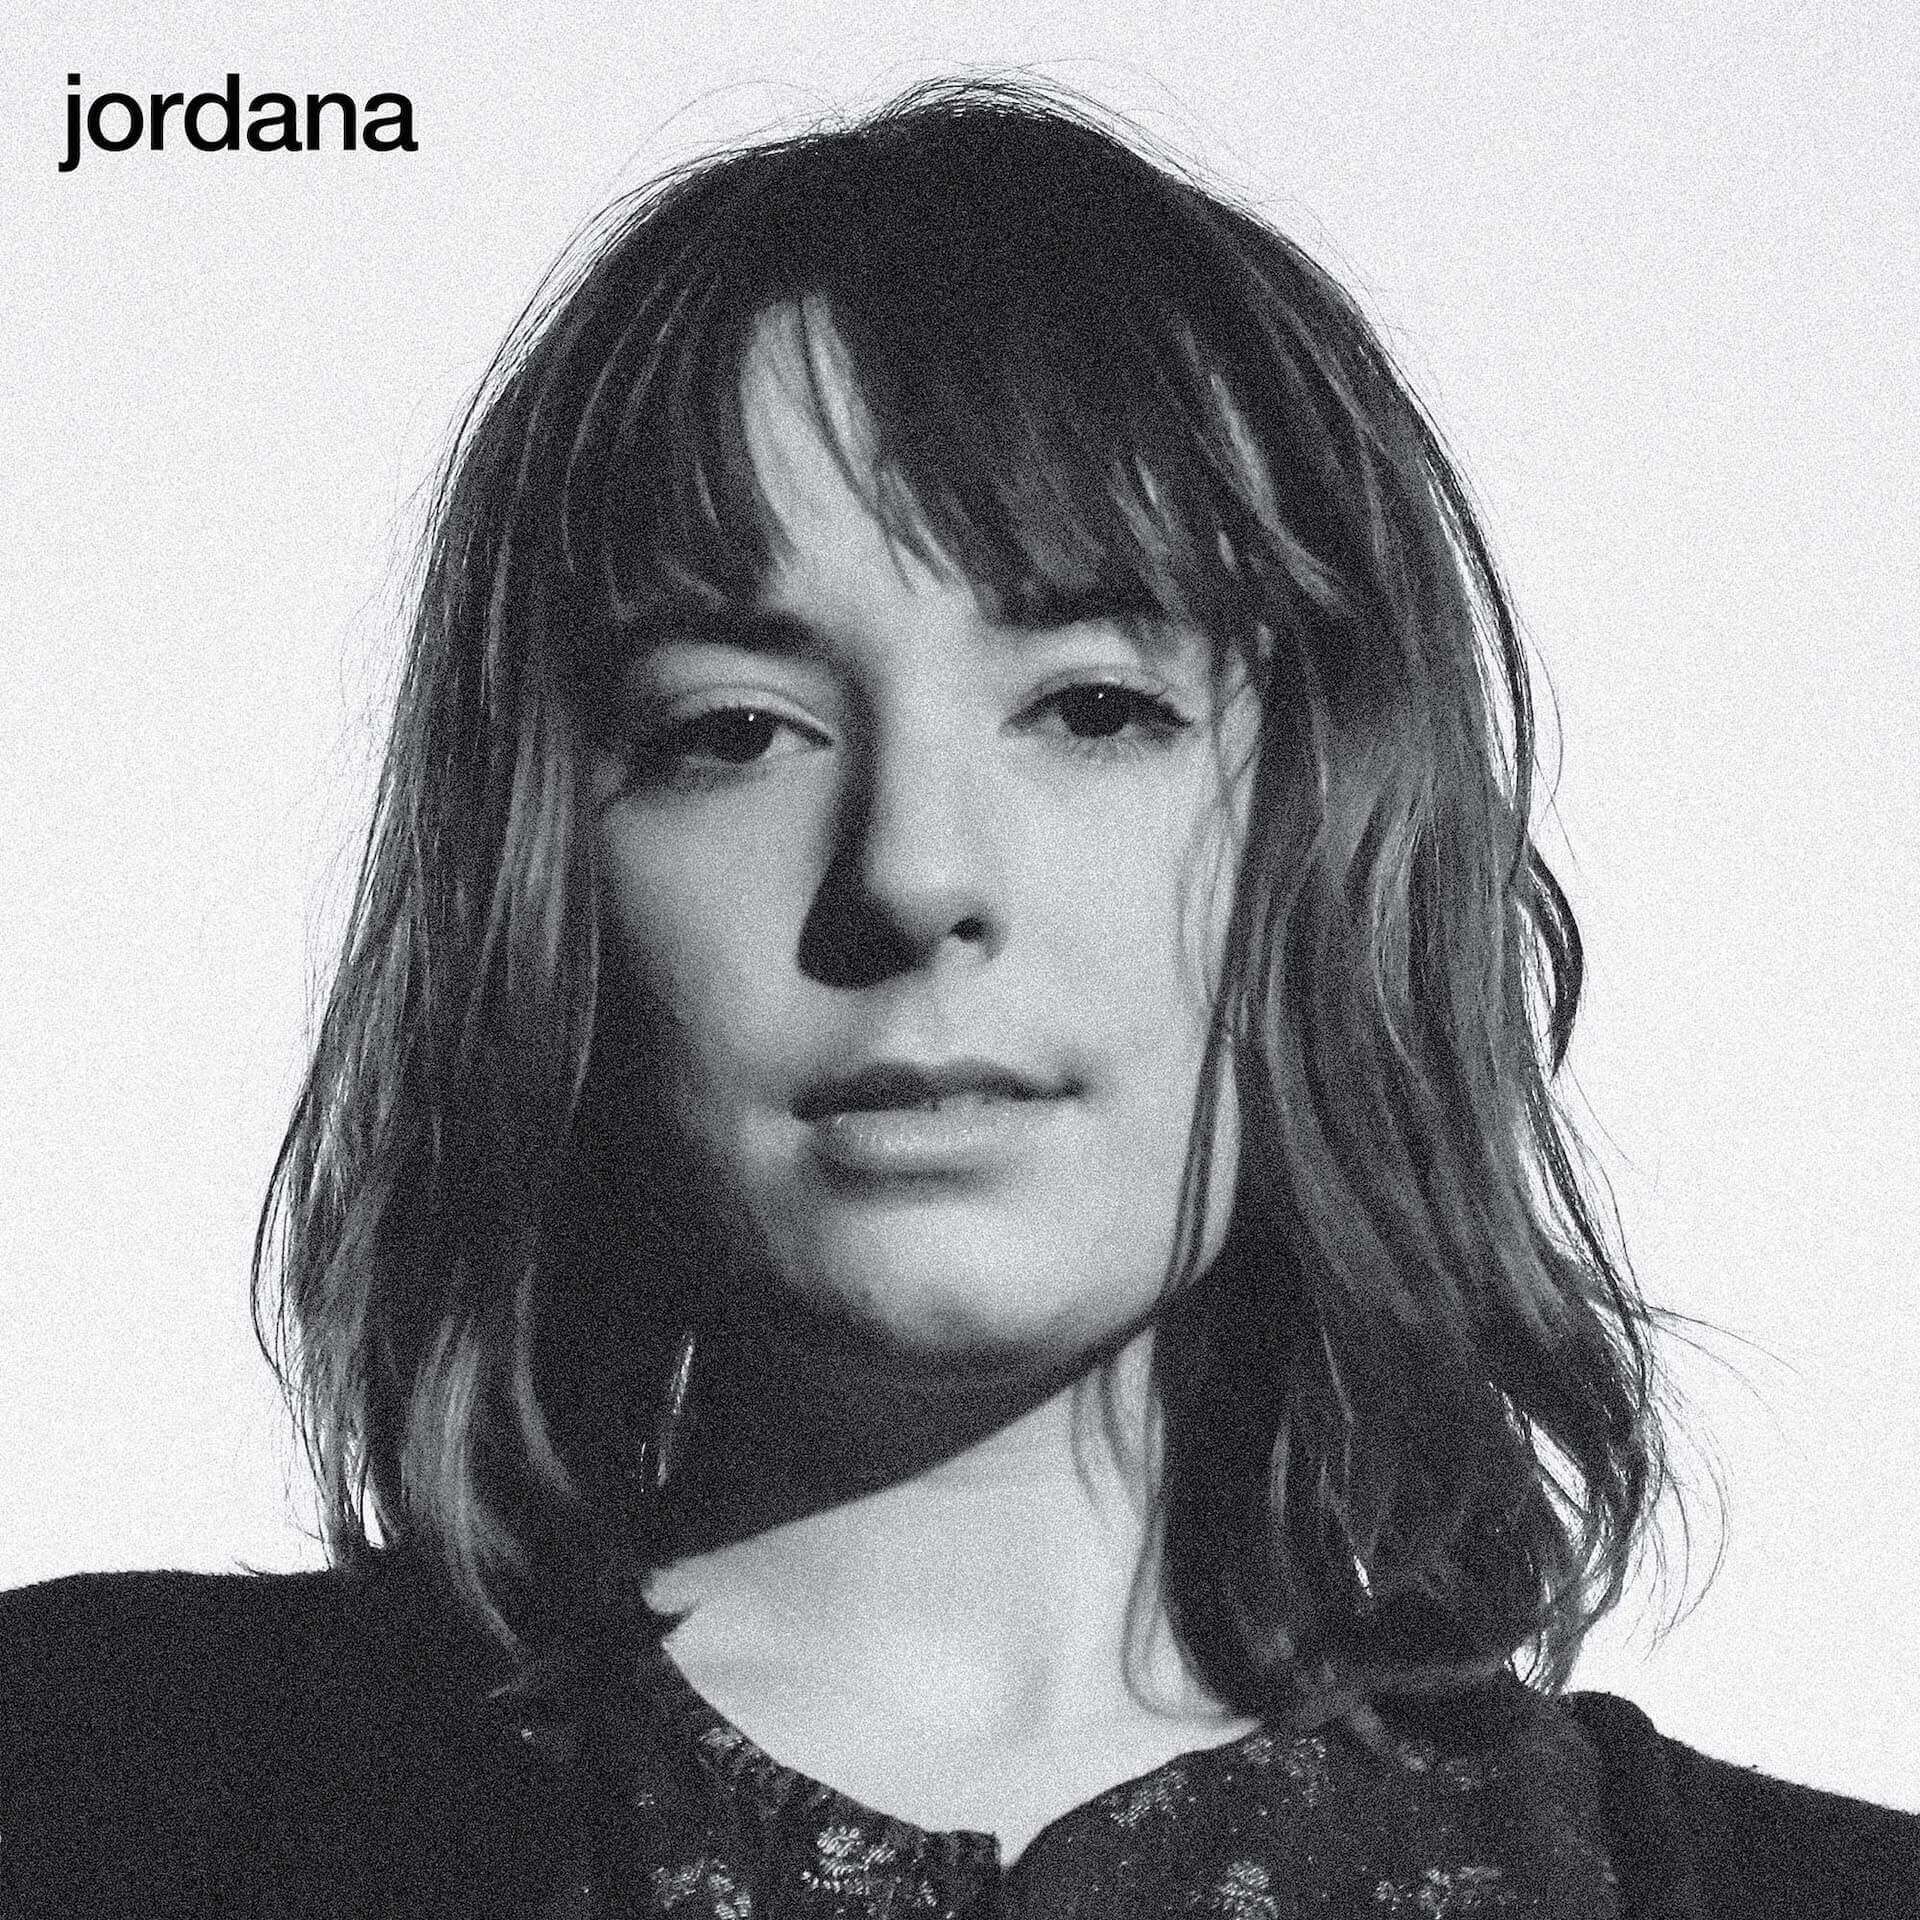 ベッドルーム・ポップの新星Jordanaが日本デビュー作『Something To Say To You』をリリース!甘く澄んだ歌声とローファイ・サウンドが融合した作品に music20123_jordana_somethingtosaytoyou_1